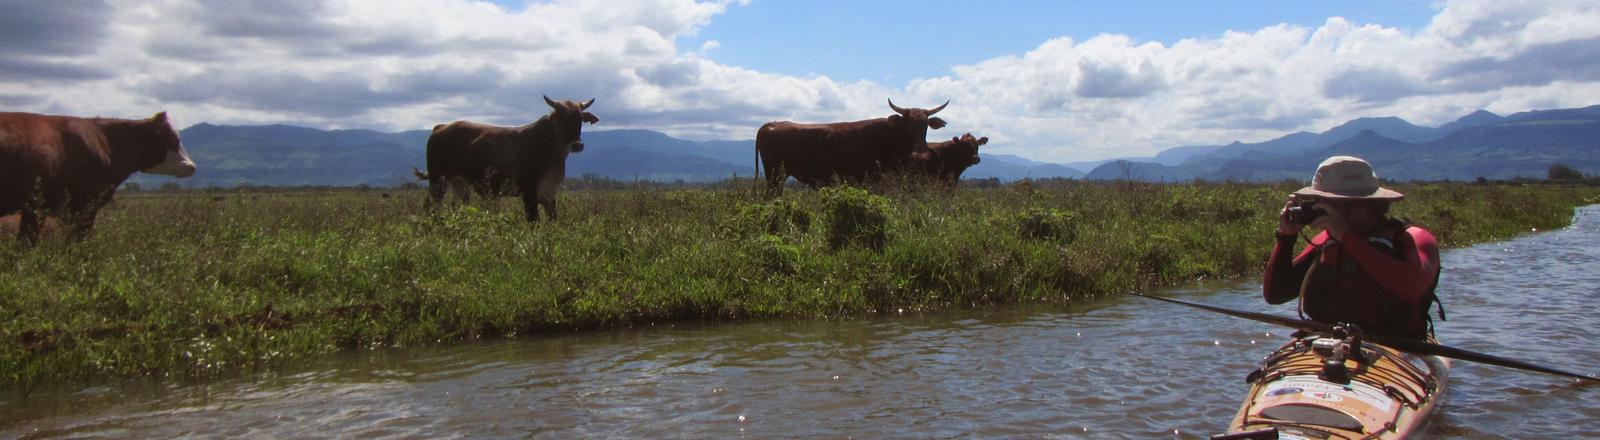 Freya Hoffmeister paddelt mit ihrem Kajak von Florianapolis nach Buenos Aires - und begegnet dabei auch Kühen.